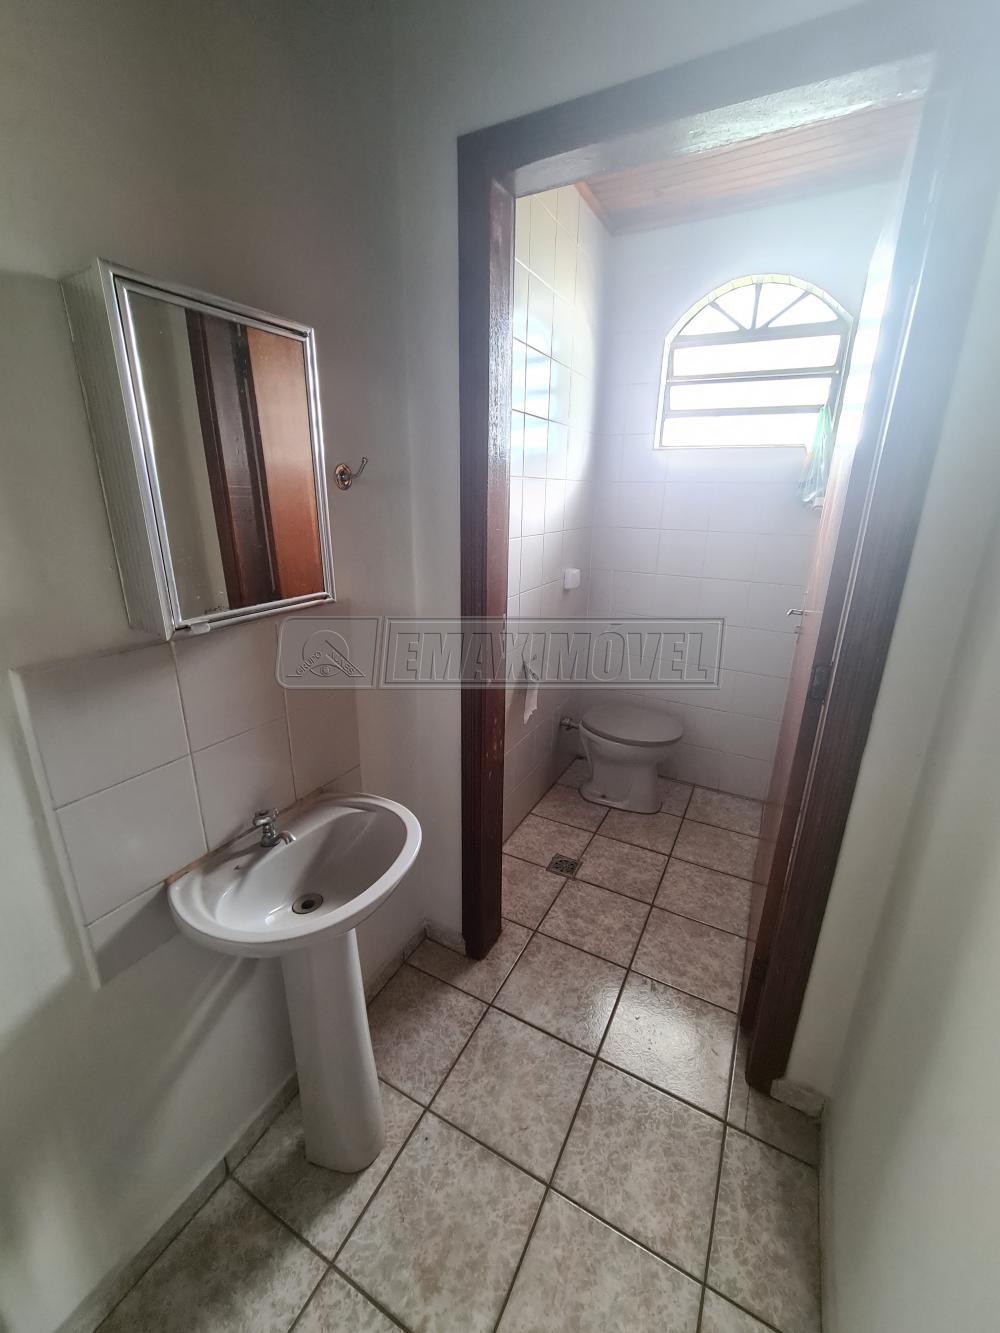 Alugar Casas / em Bairros em Sorocaba R$ 1.400,00 - Foto 6